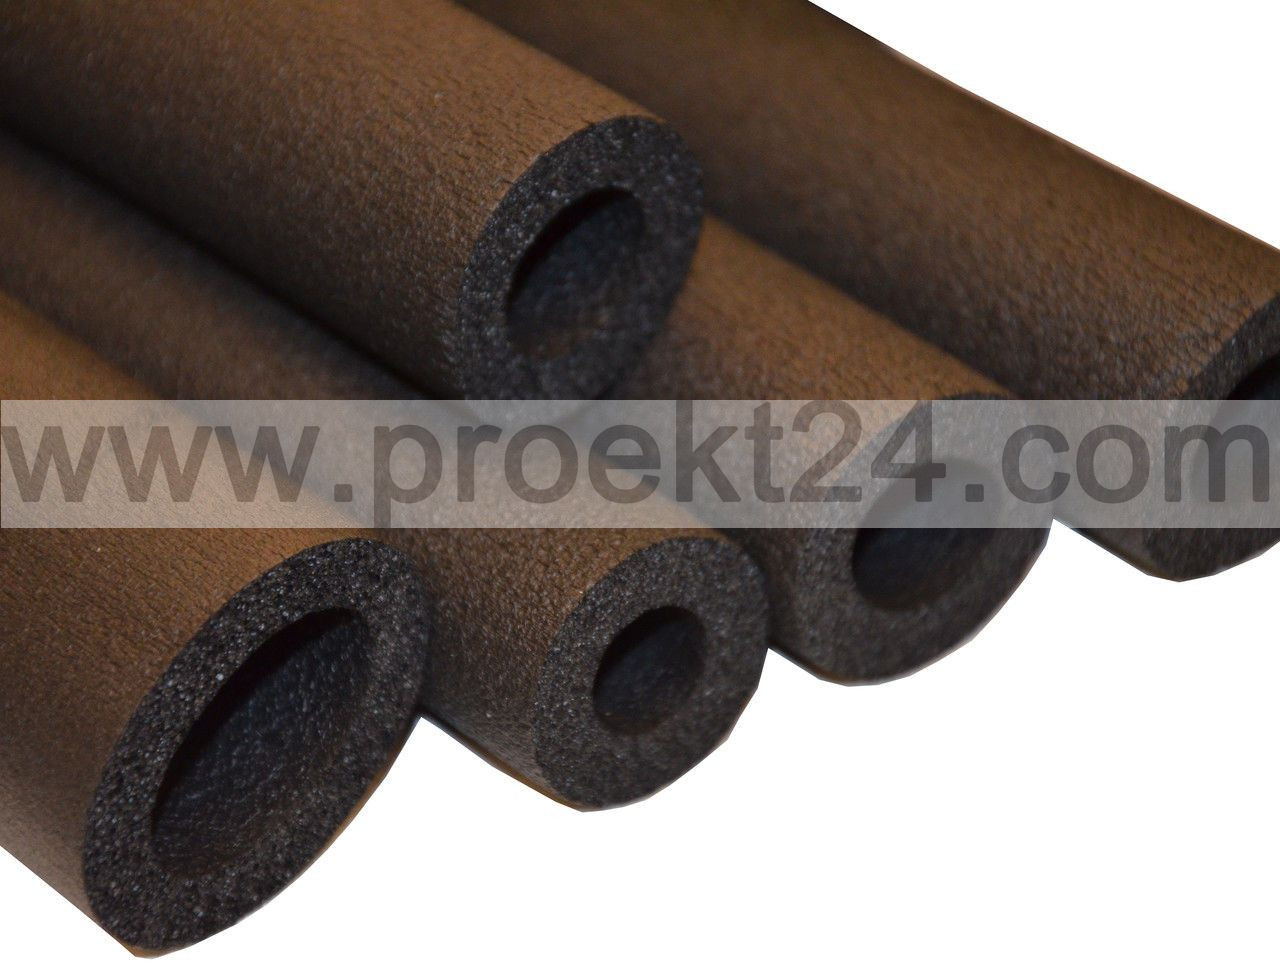 Трубная каучуковая изоляция 48/19, Ø=48 мм, толщ.:19 мм